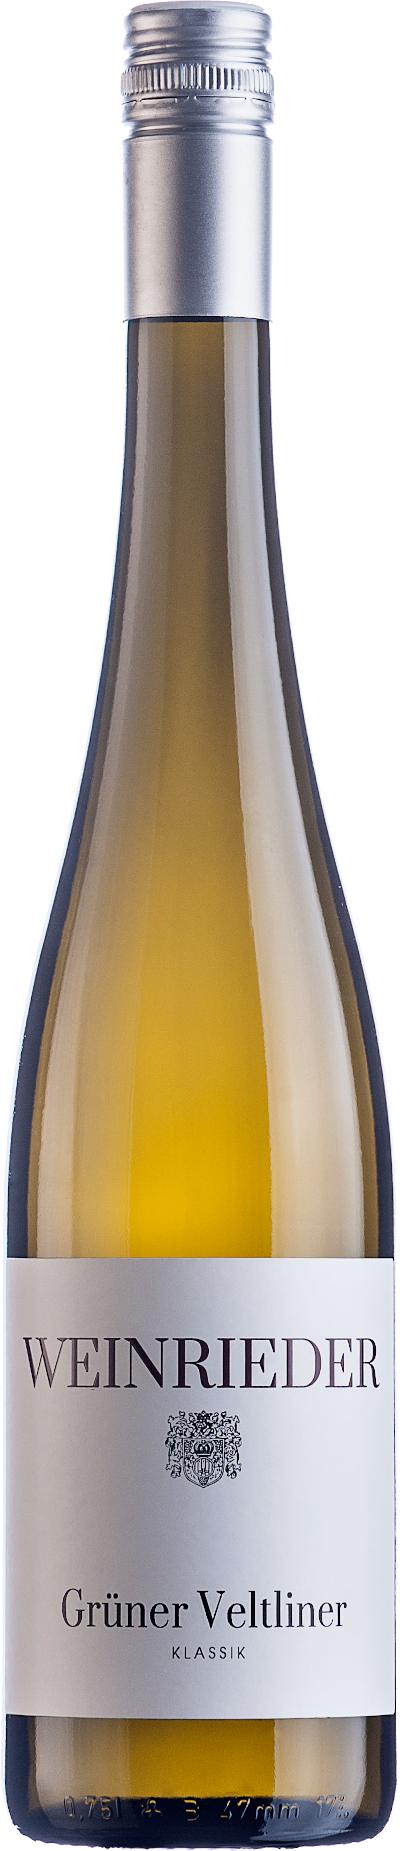 Weinrieder - Grüner Veltliner Klassik Weinviertel DAC